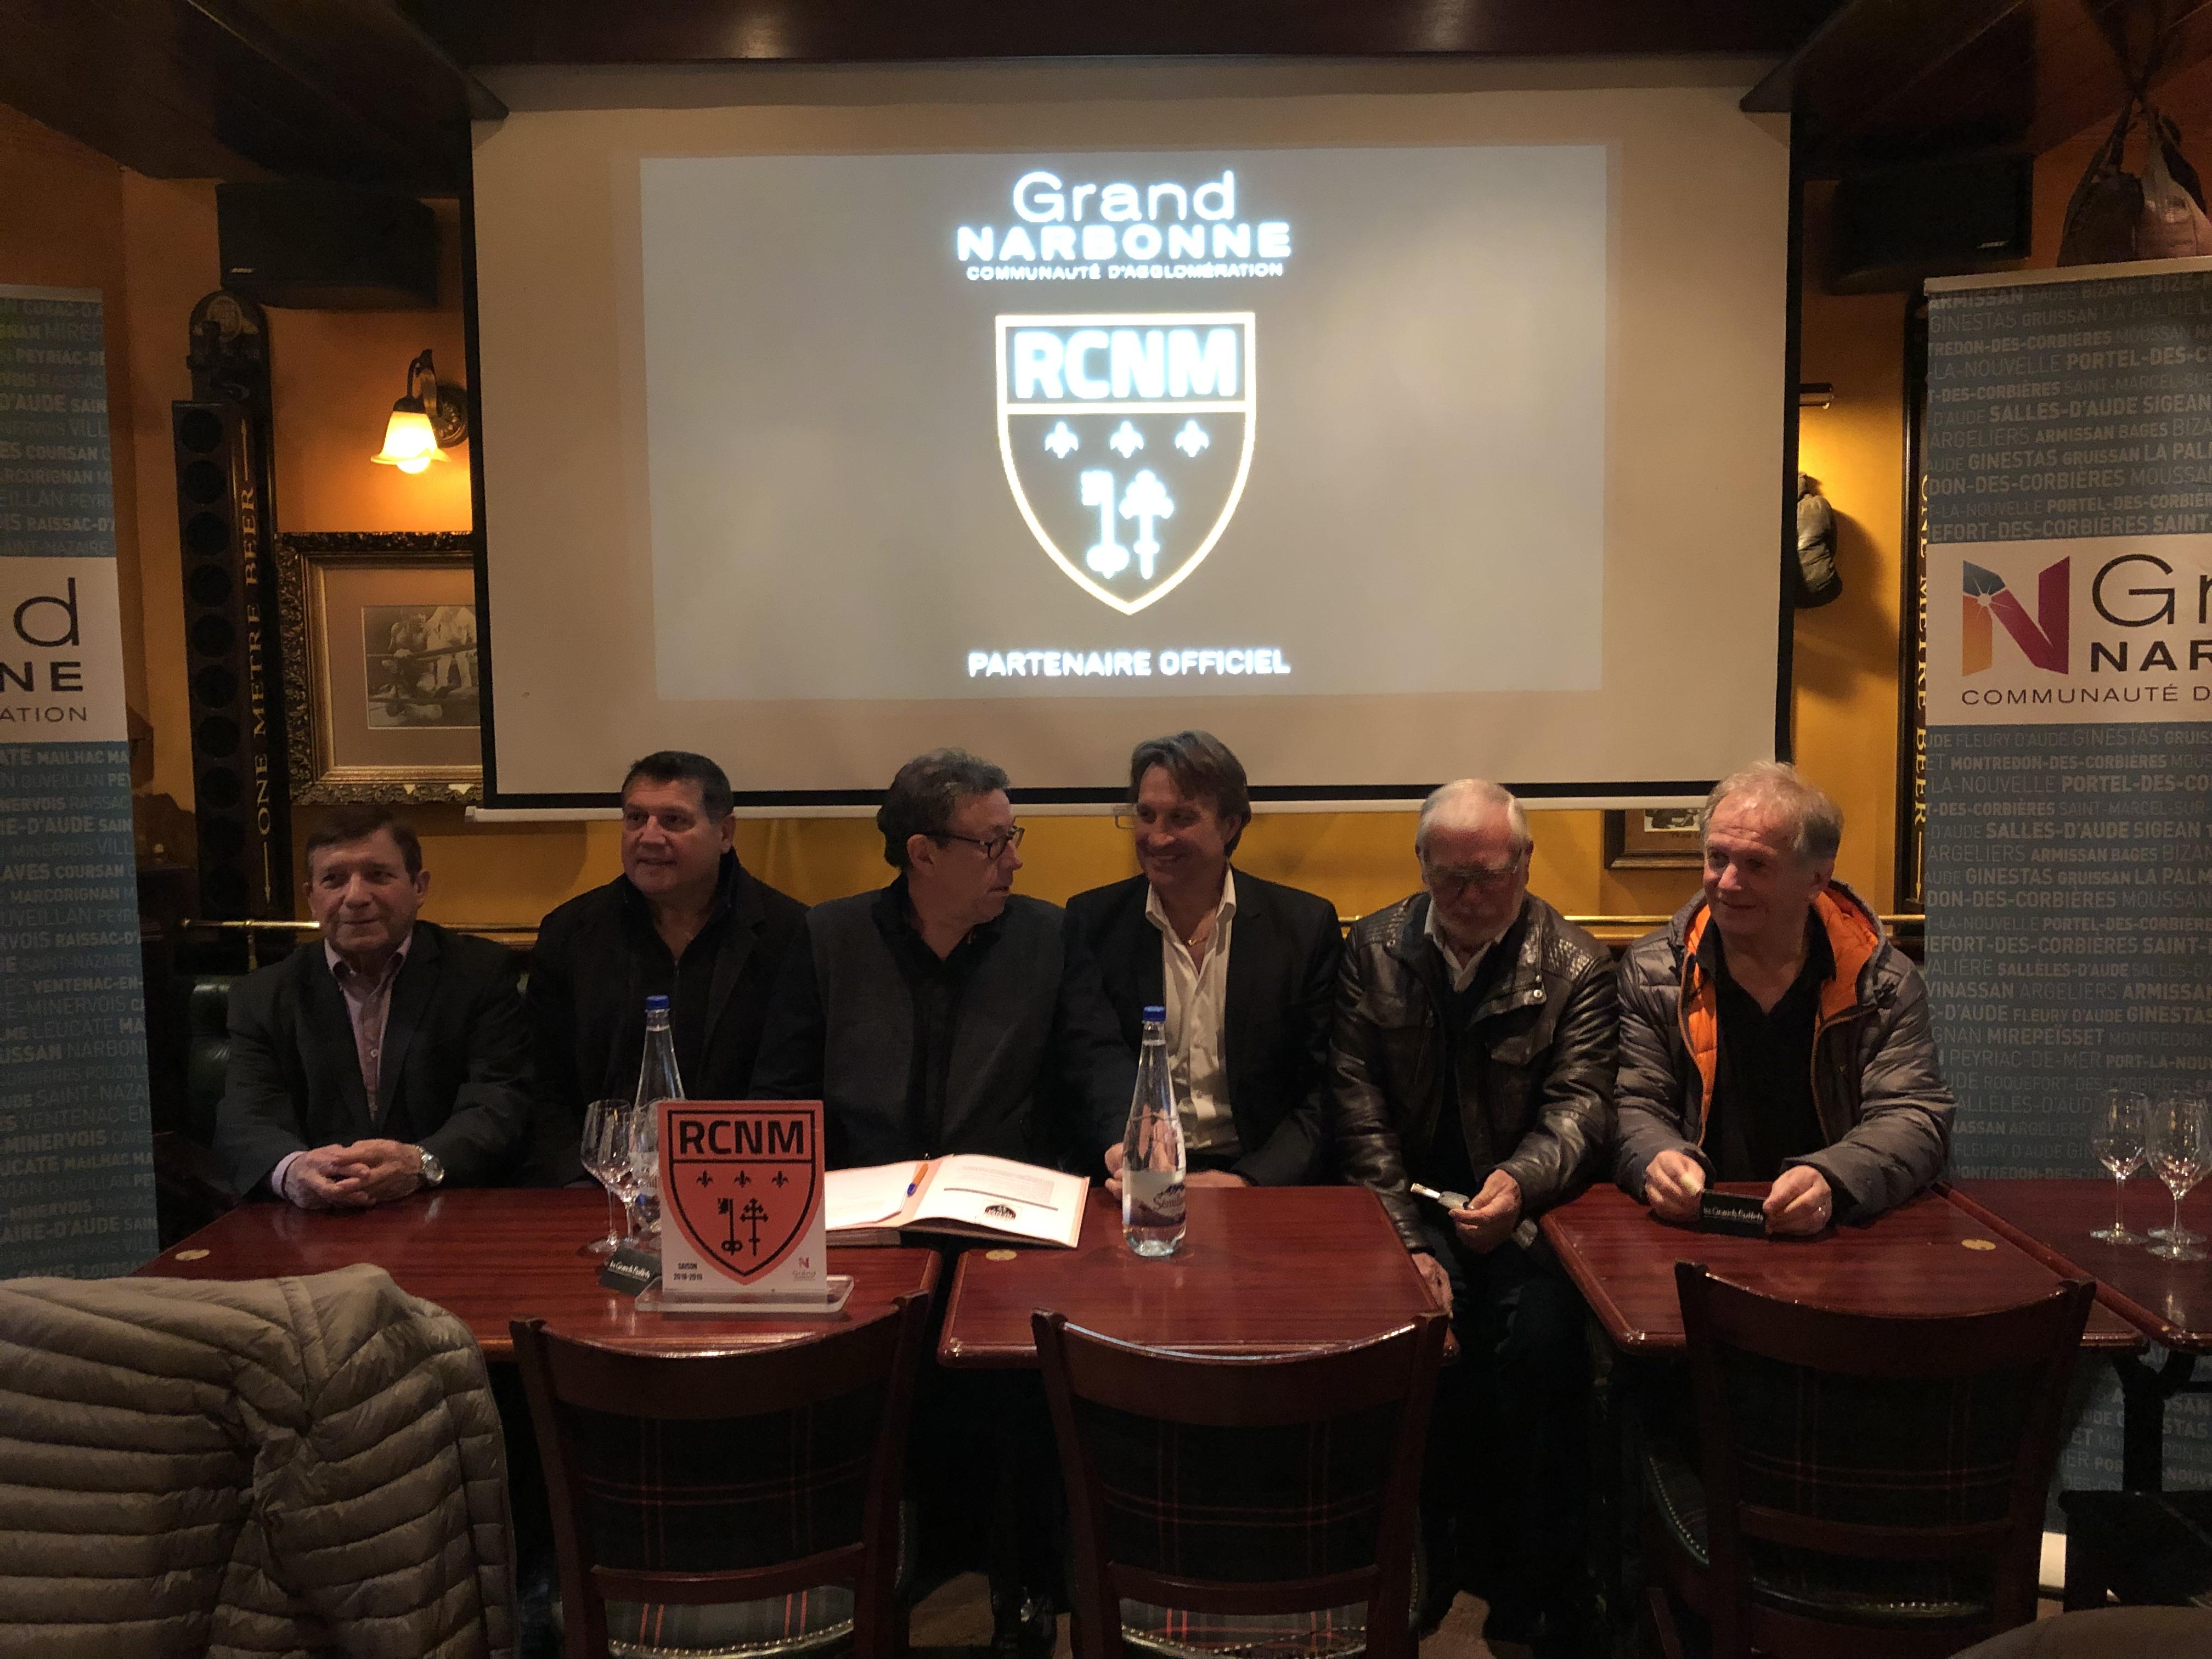 Partenariat entre Le Grand Narbonne et le RCNM